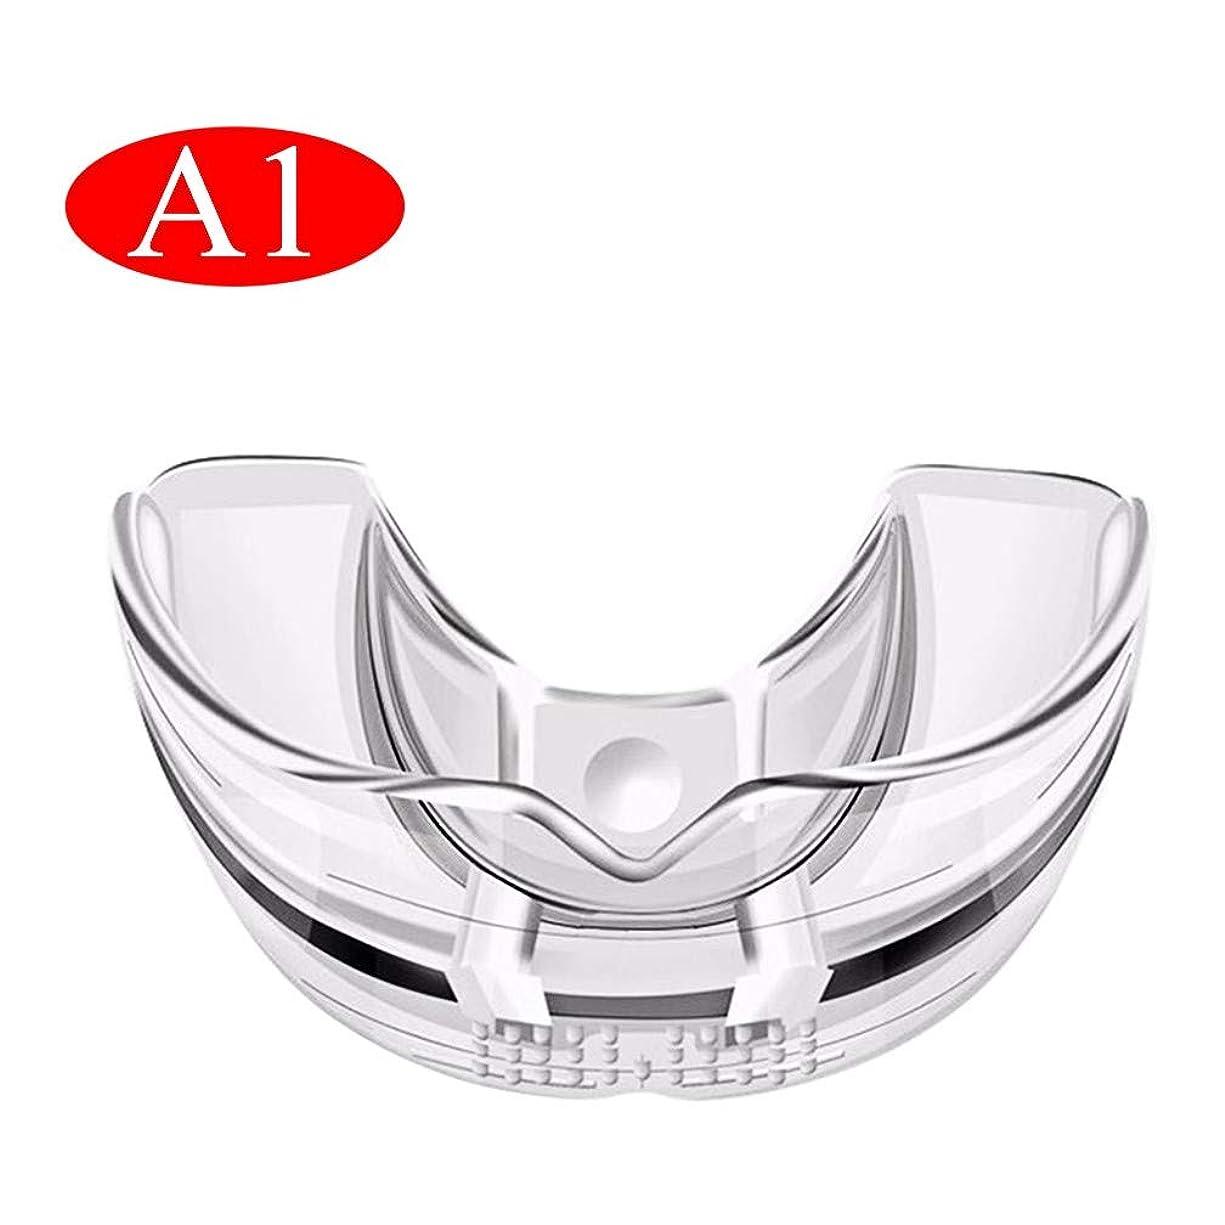 誕生機動儀式ホームホワイトニング, 目に見えない矯正トレーナー歯科用歯は、アタッチメントのアライメントのためのツールの使用を回避します(3つのステージはオプションです)